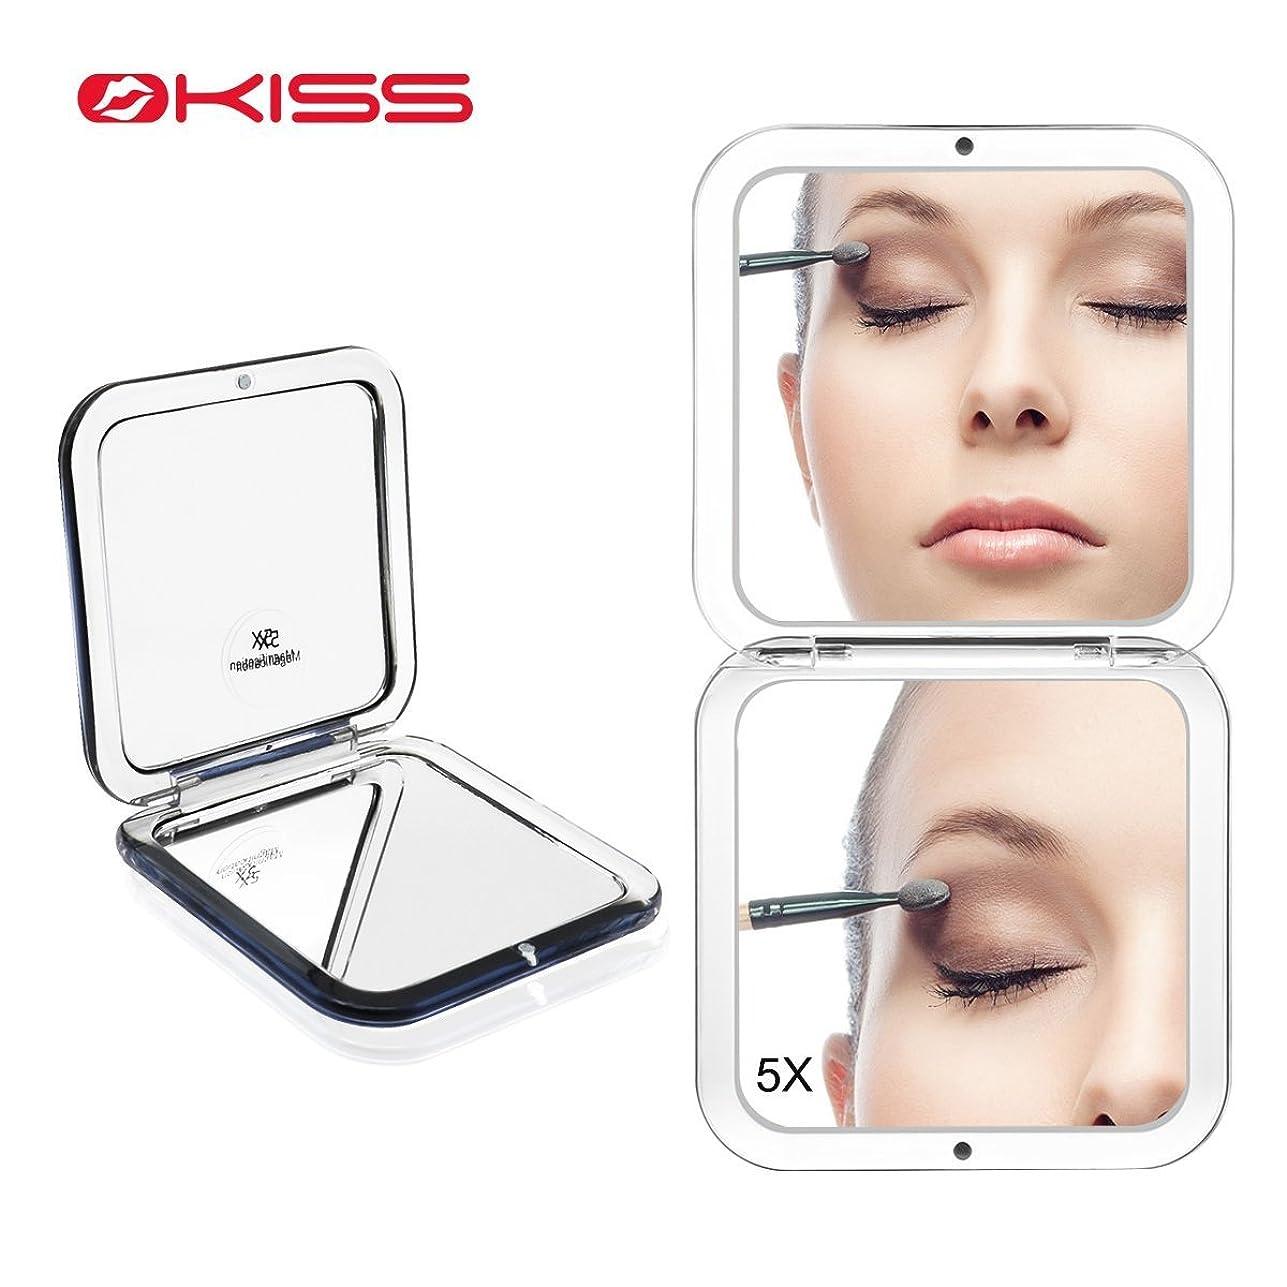 いちゃつく冒険者もOKISS コンパクトミラー 化粧鏡 ミラー 5倍拡大鏡+等倍鏡 ハンドミラー 手鏡 両面 メンズ 携帯ミラー 折りたたみ おしゃれ 外出 持ち運び便利